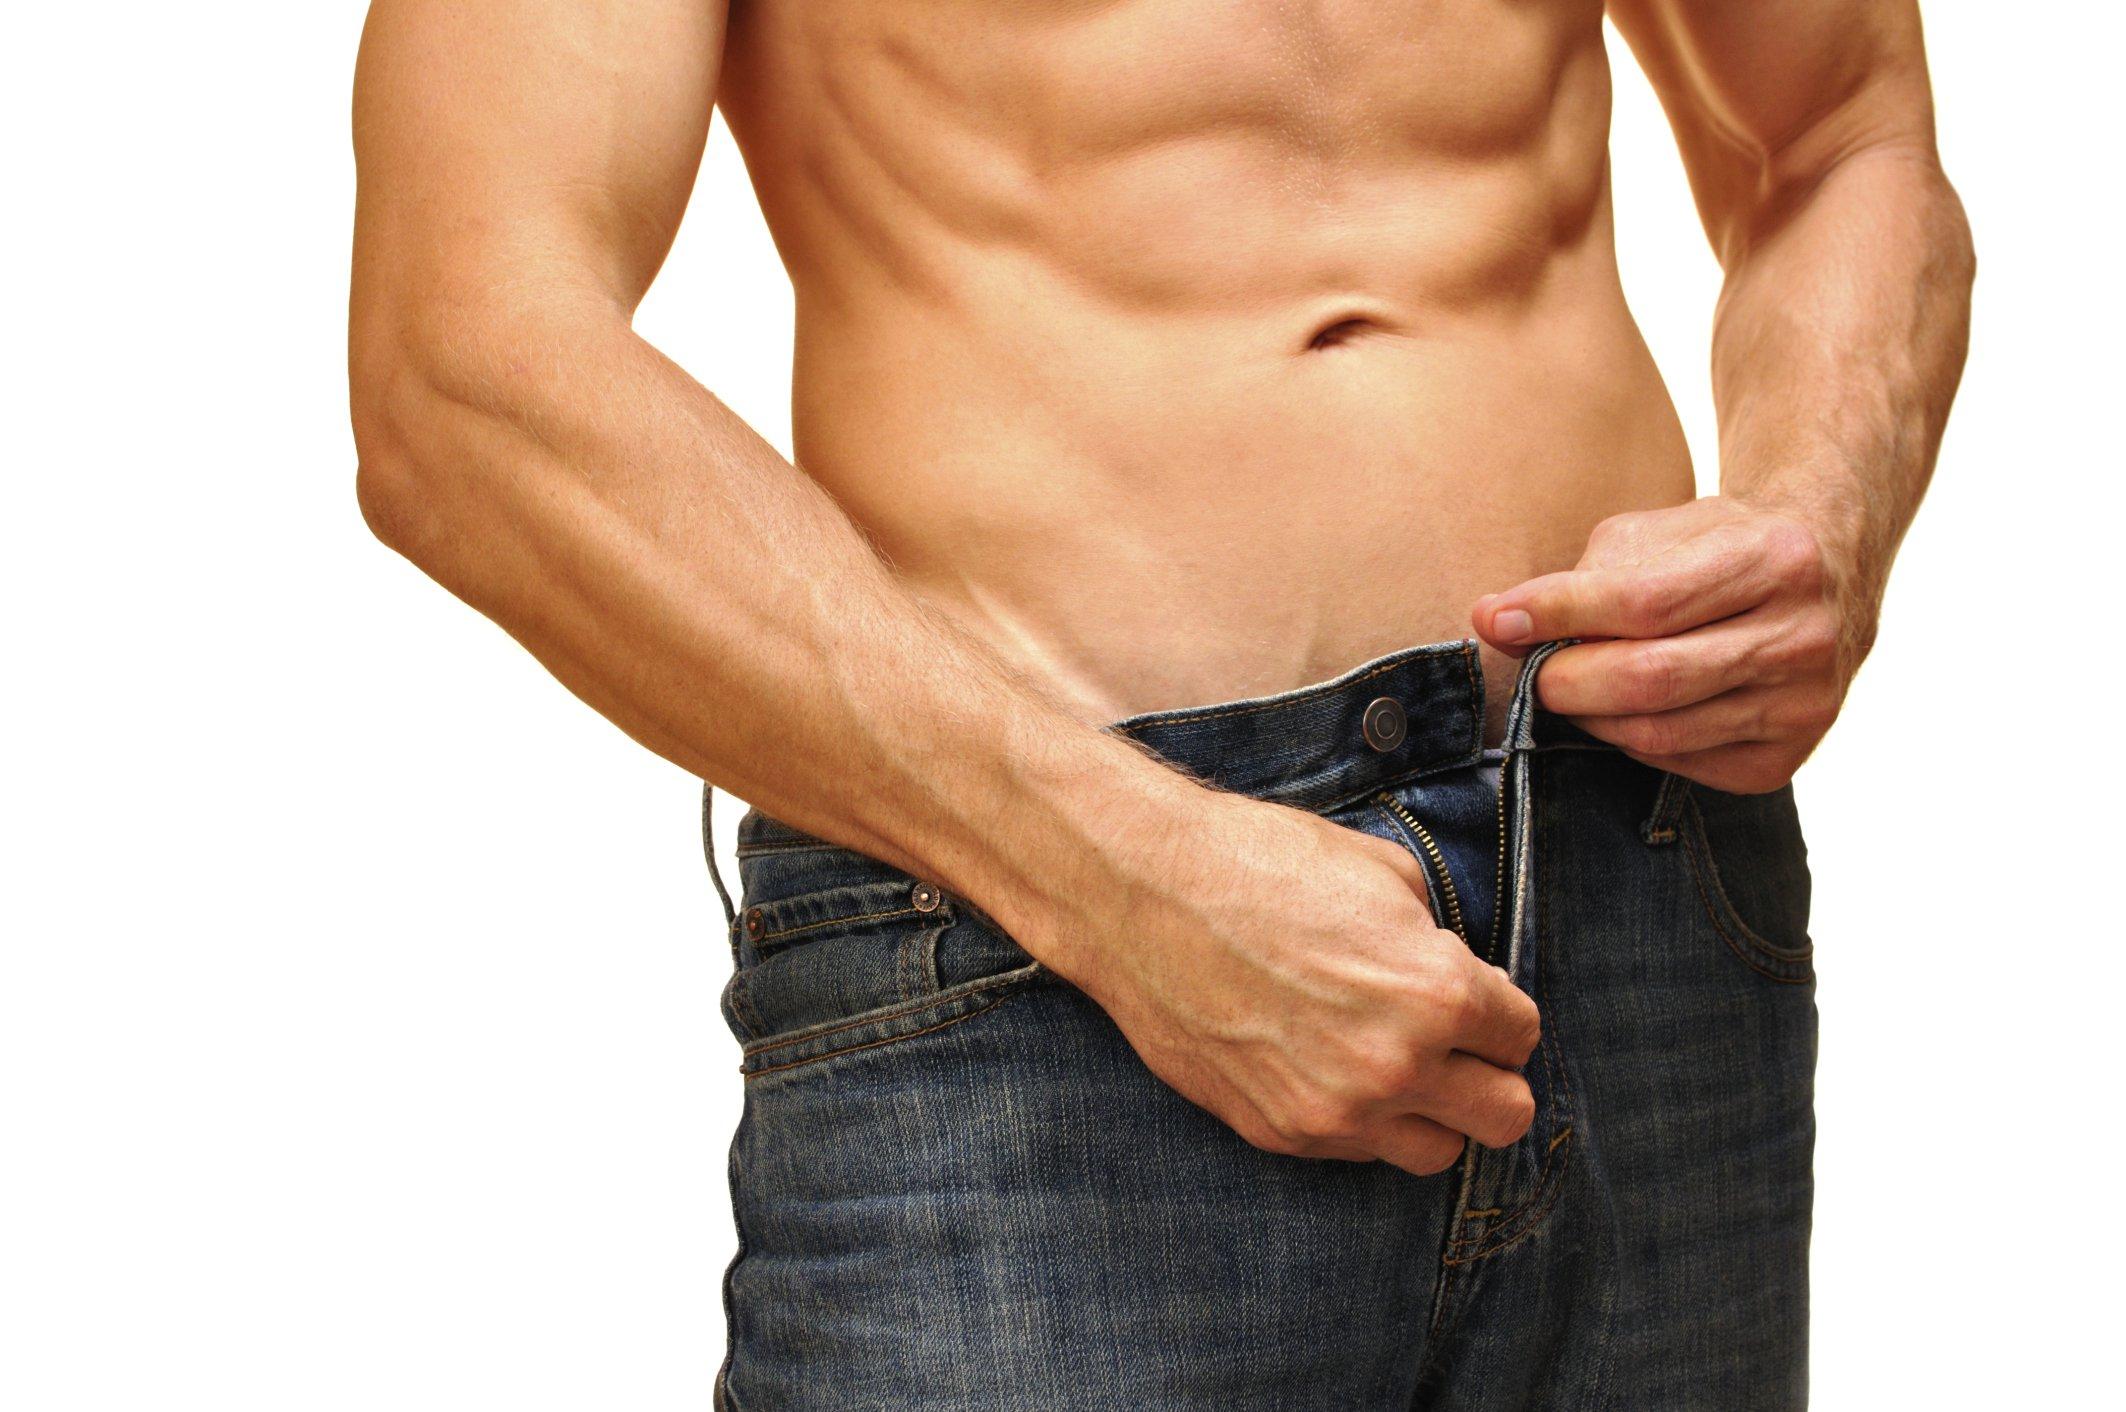 erekció az alsó végtagok bénulásával hogyan lehet ideiglenesen csökkenteni az erekciót